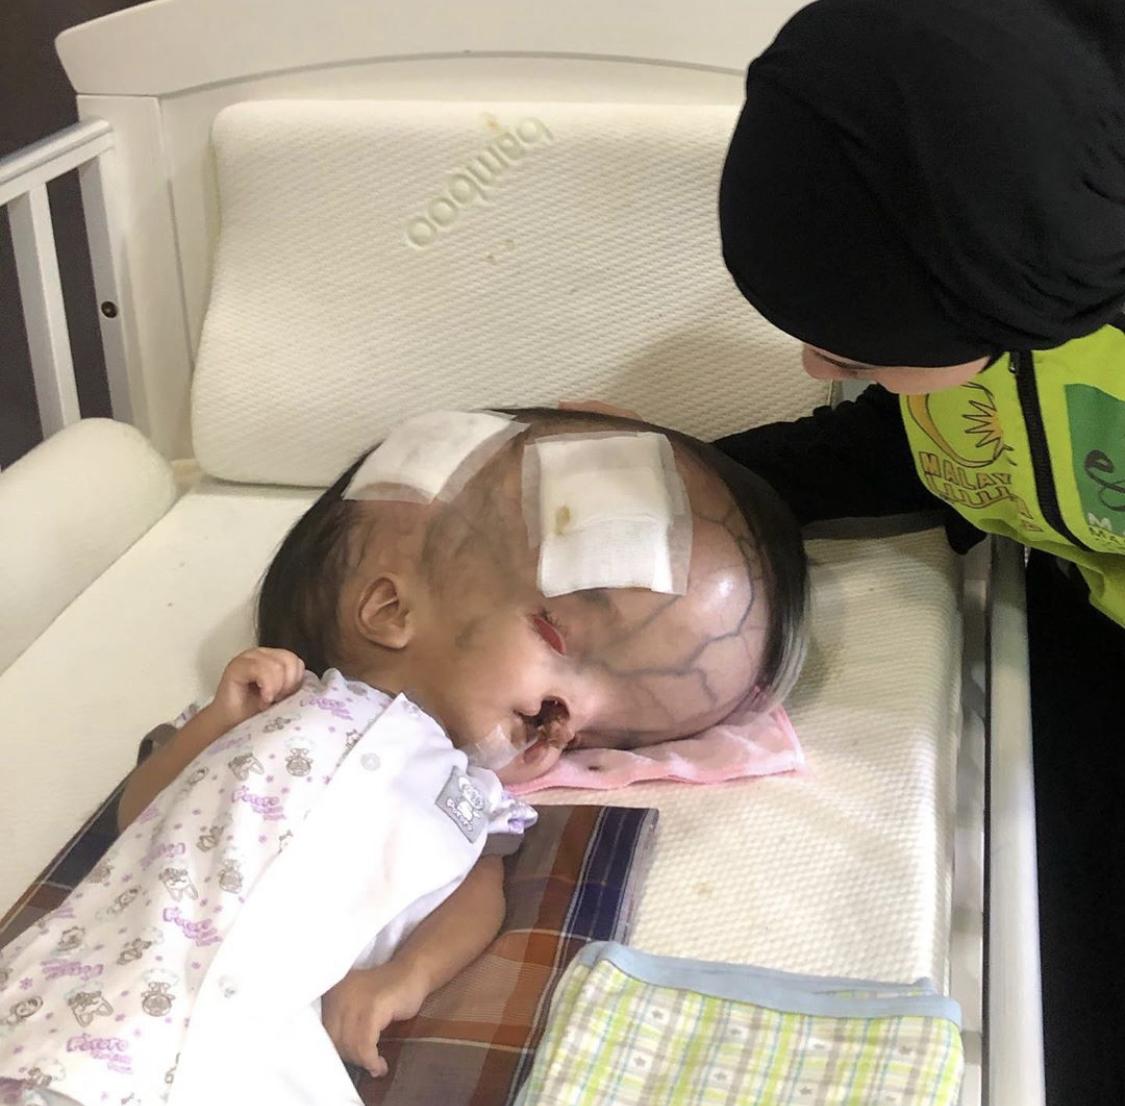 Heliza Helmi Mohon Doakan Syifa, Moga Ada Keajaiban Rawatan Dari Doktor Pakar